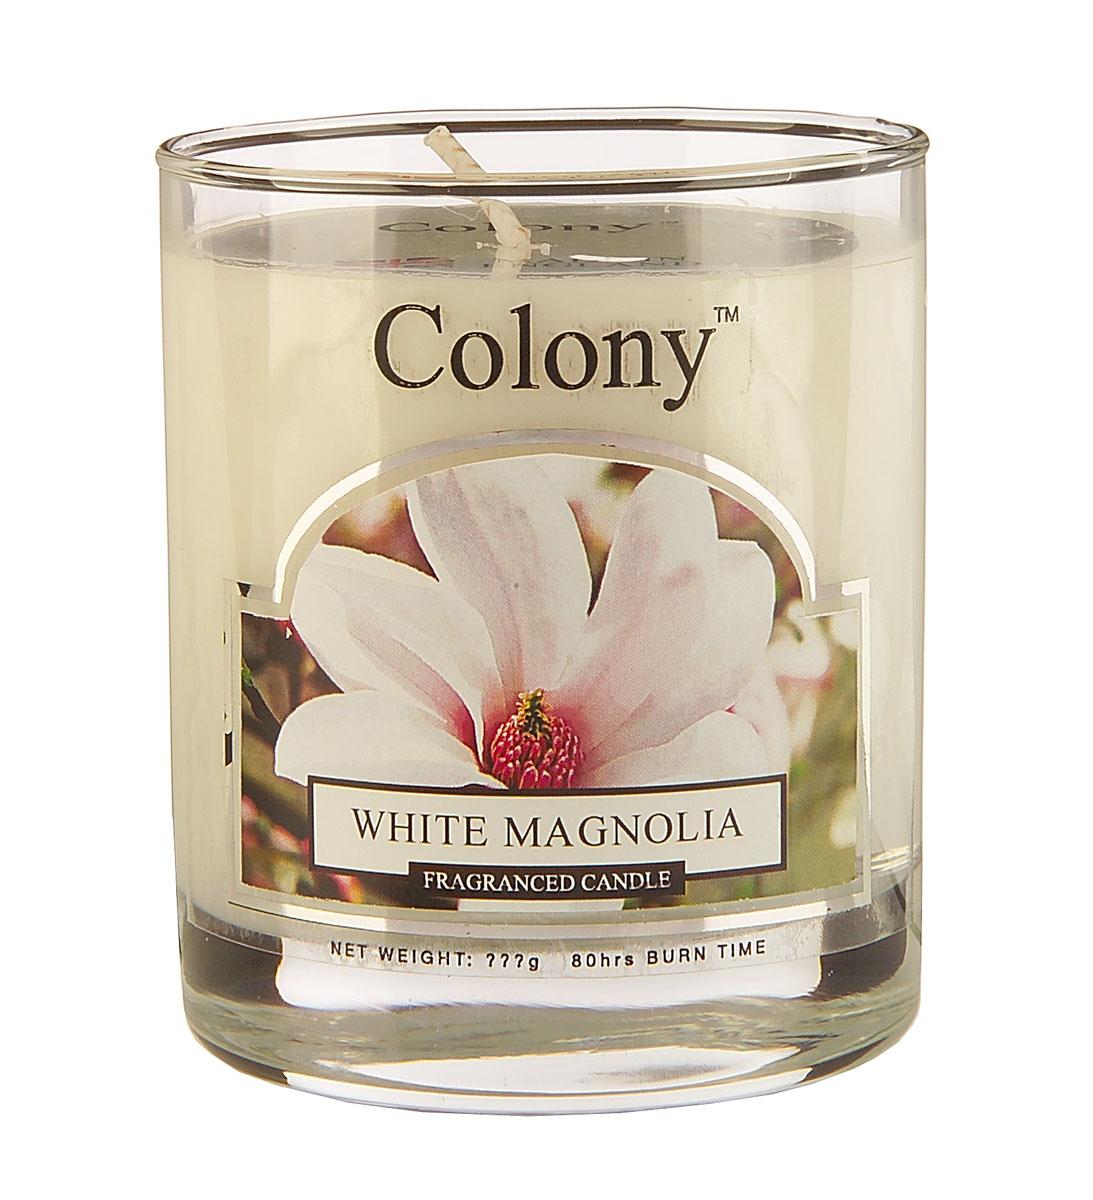 Wax Lyrical Белая магнолия ароматизированная свеча в стекле малая, 35 часовCH0604Аромат весенне-летнего букетаиз белых магнолий, роз, гардений, фрезий и сирени в сочетаниис нотками спелых персиков,на основе сандала и мускуса